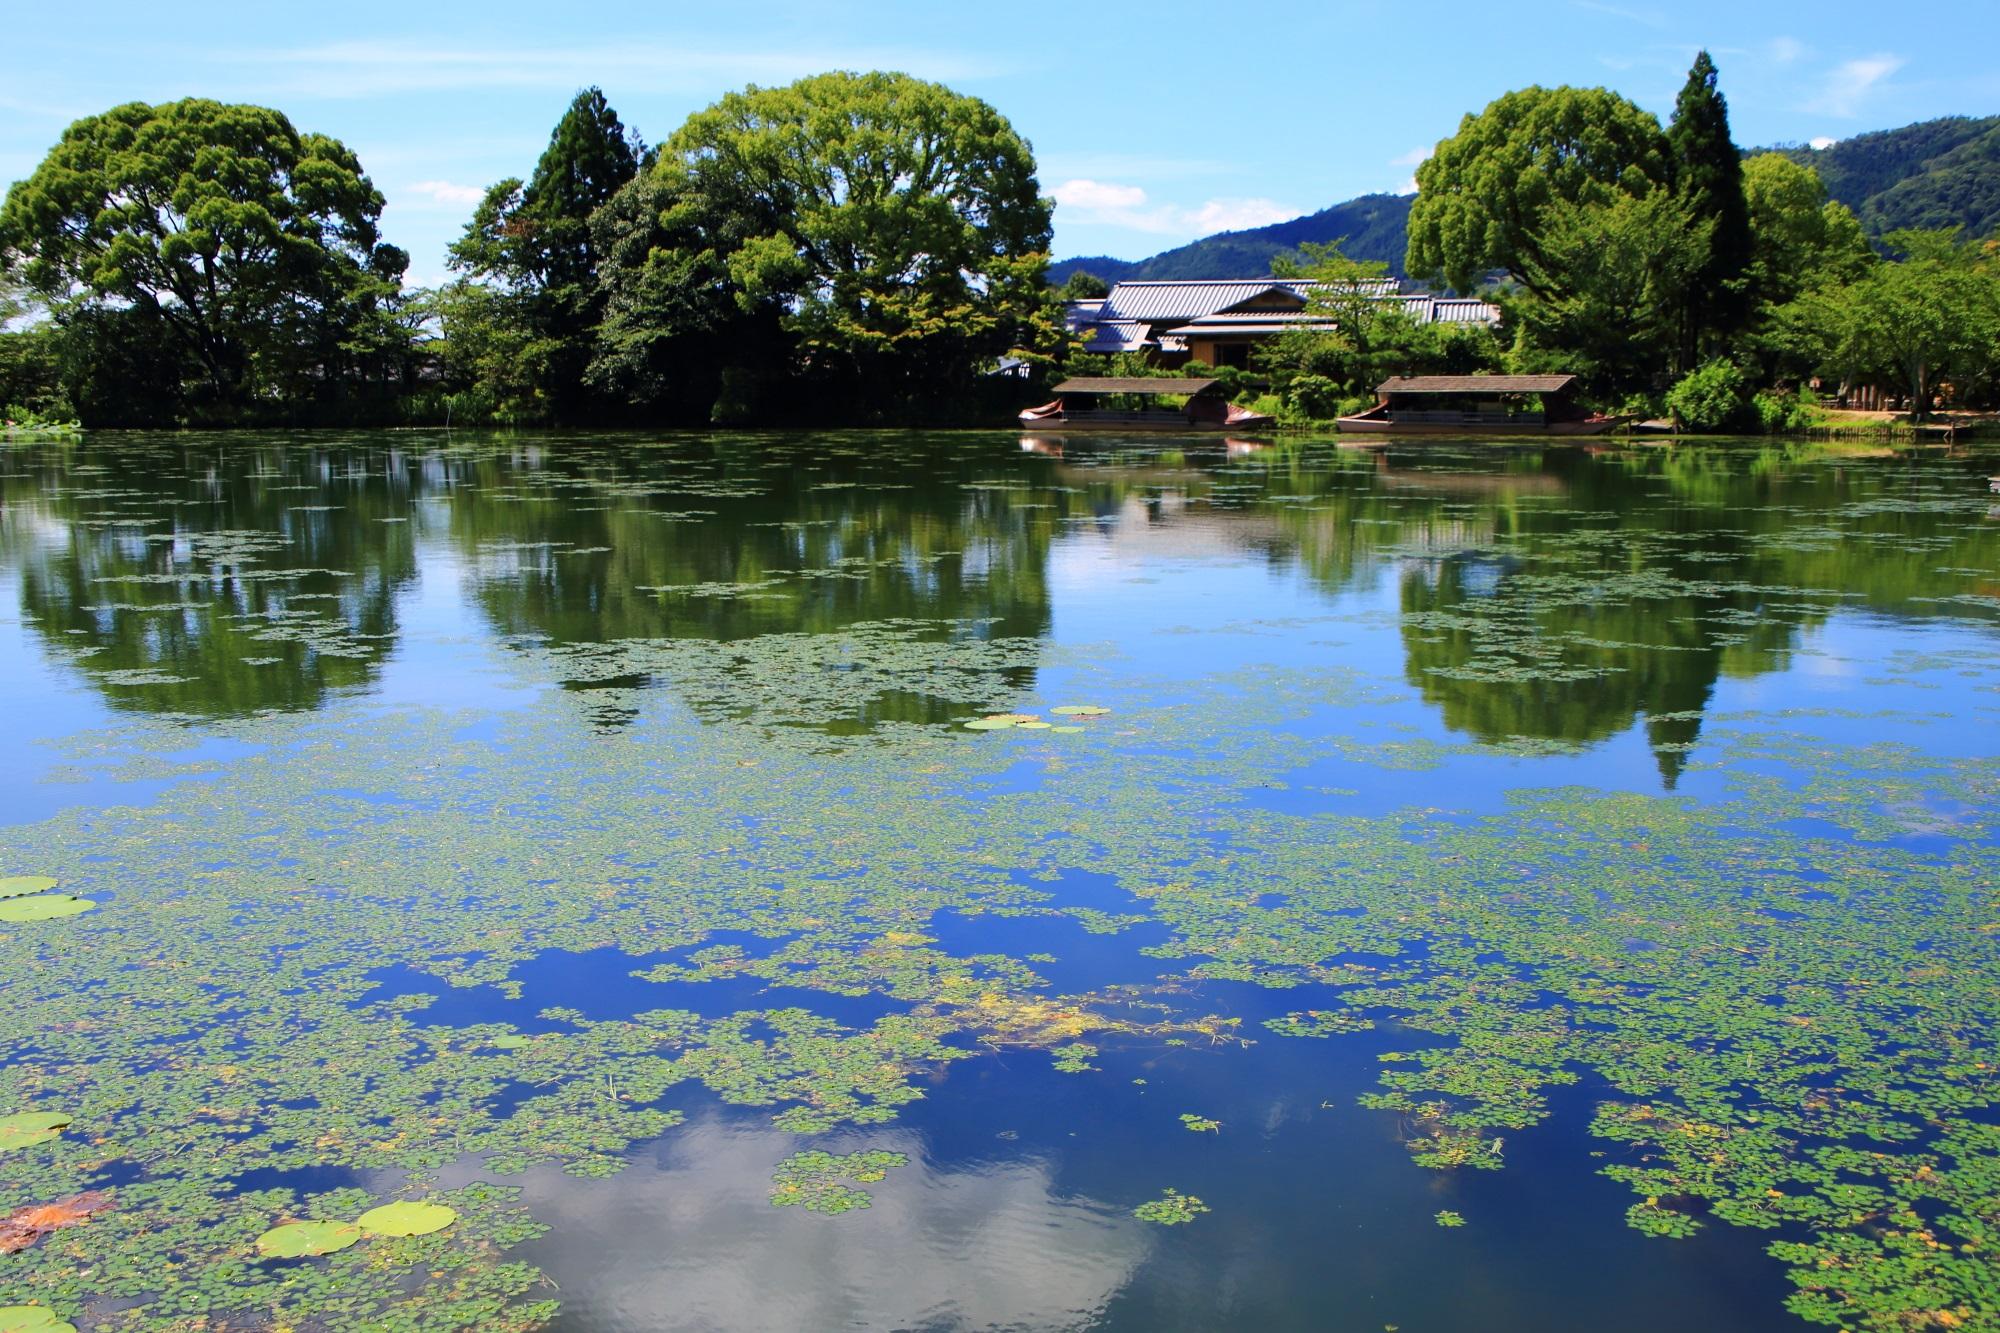 多種多様な木々や植物が育つ大覚寺の大沢池